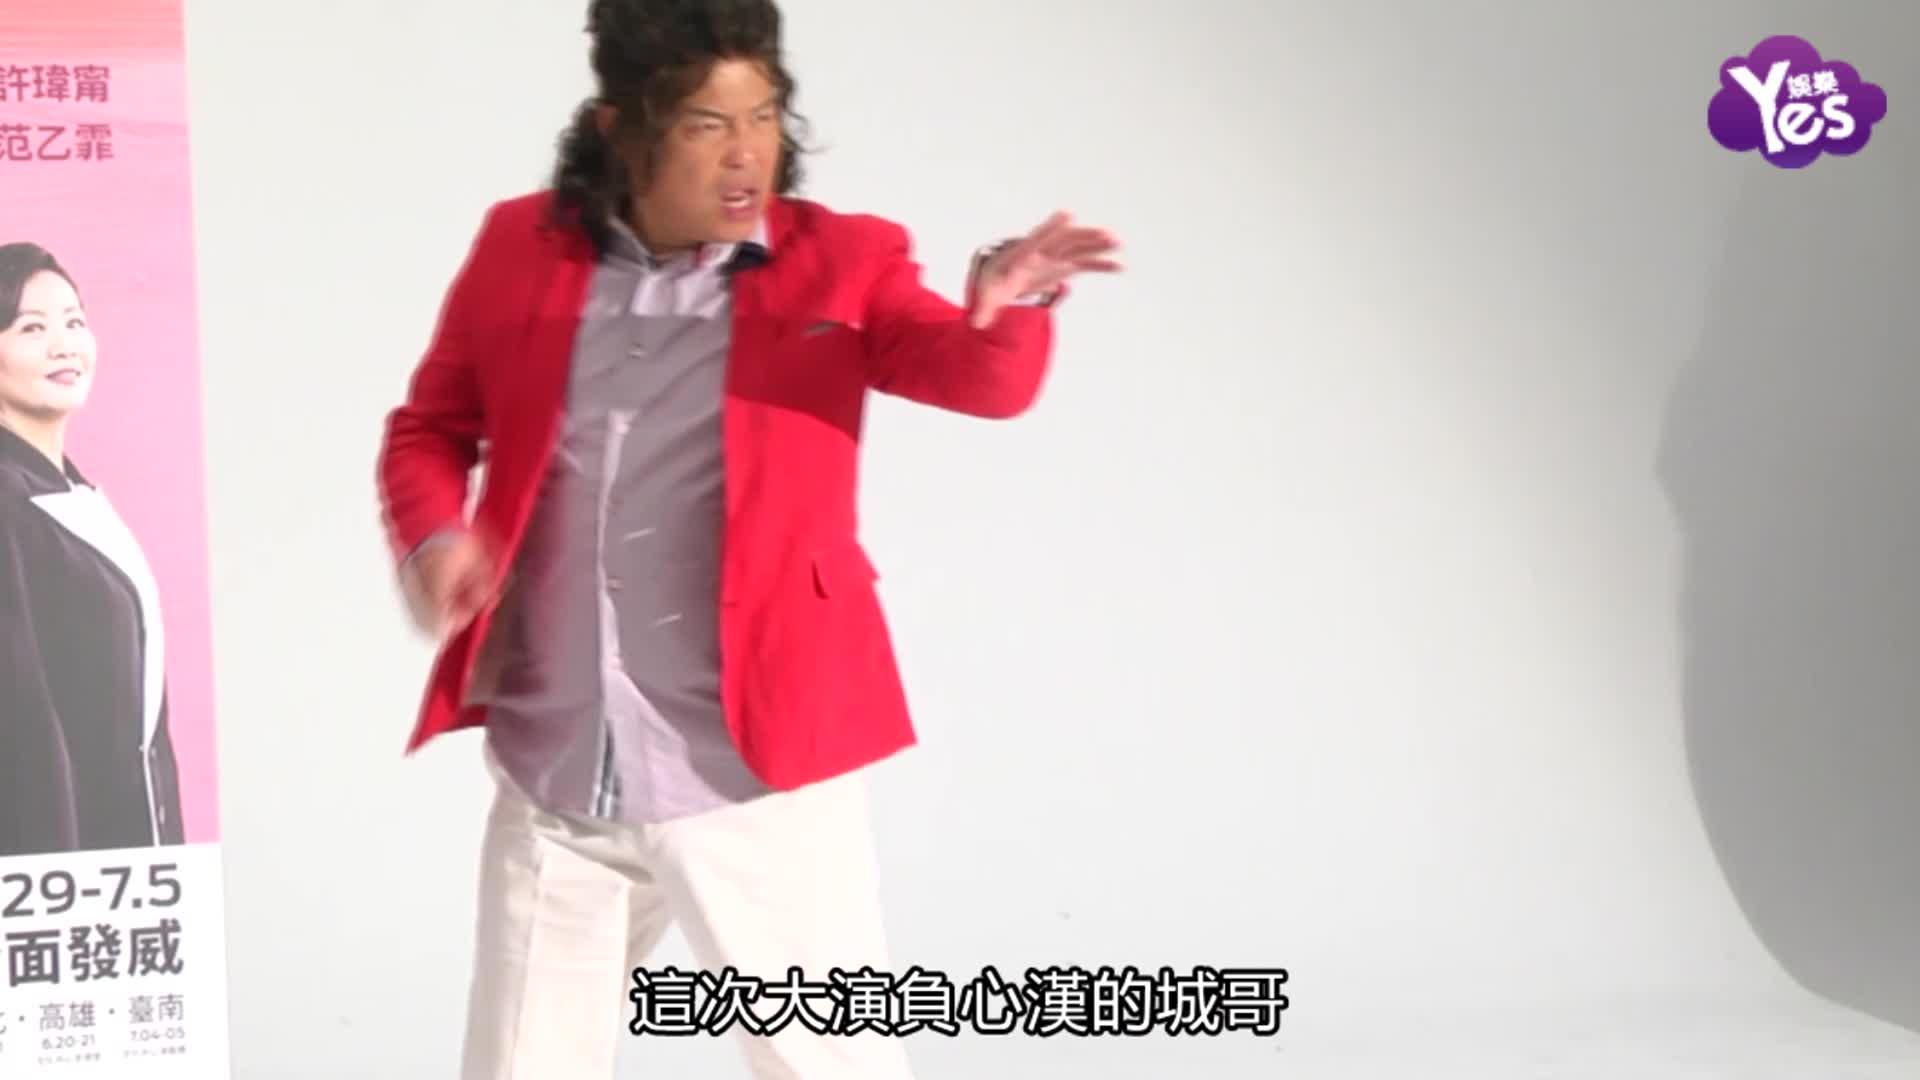 许玮宁舞台剧诠释家暴 男友敢找小三霸气处理你